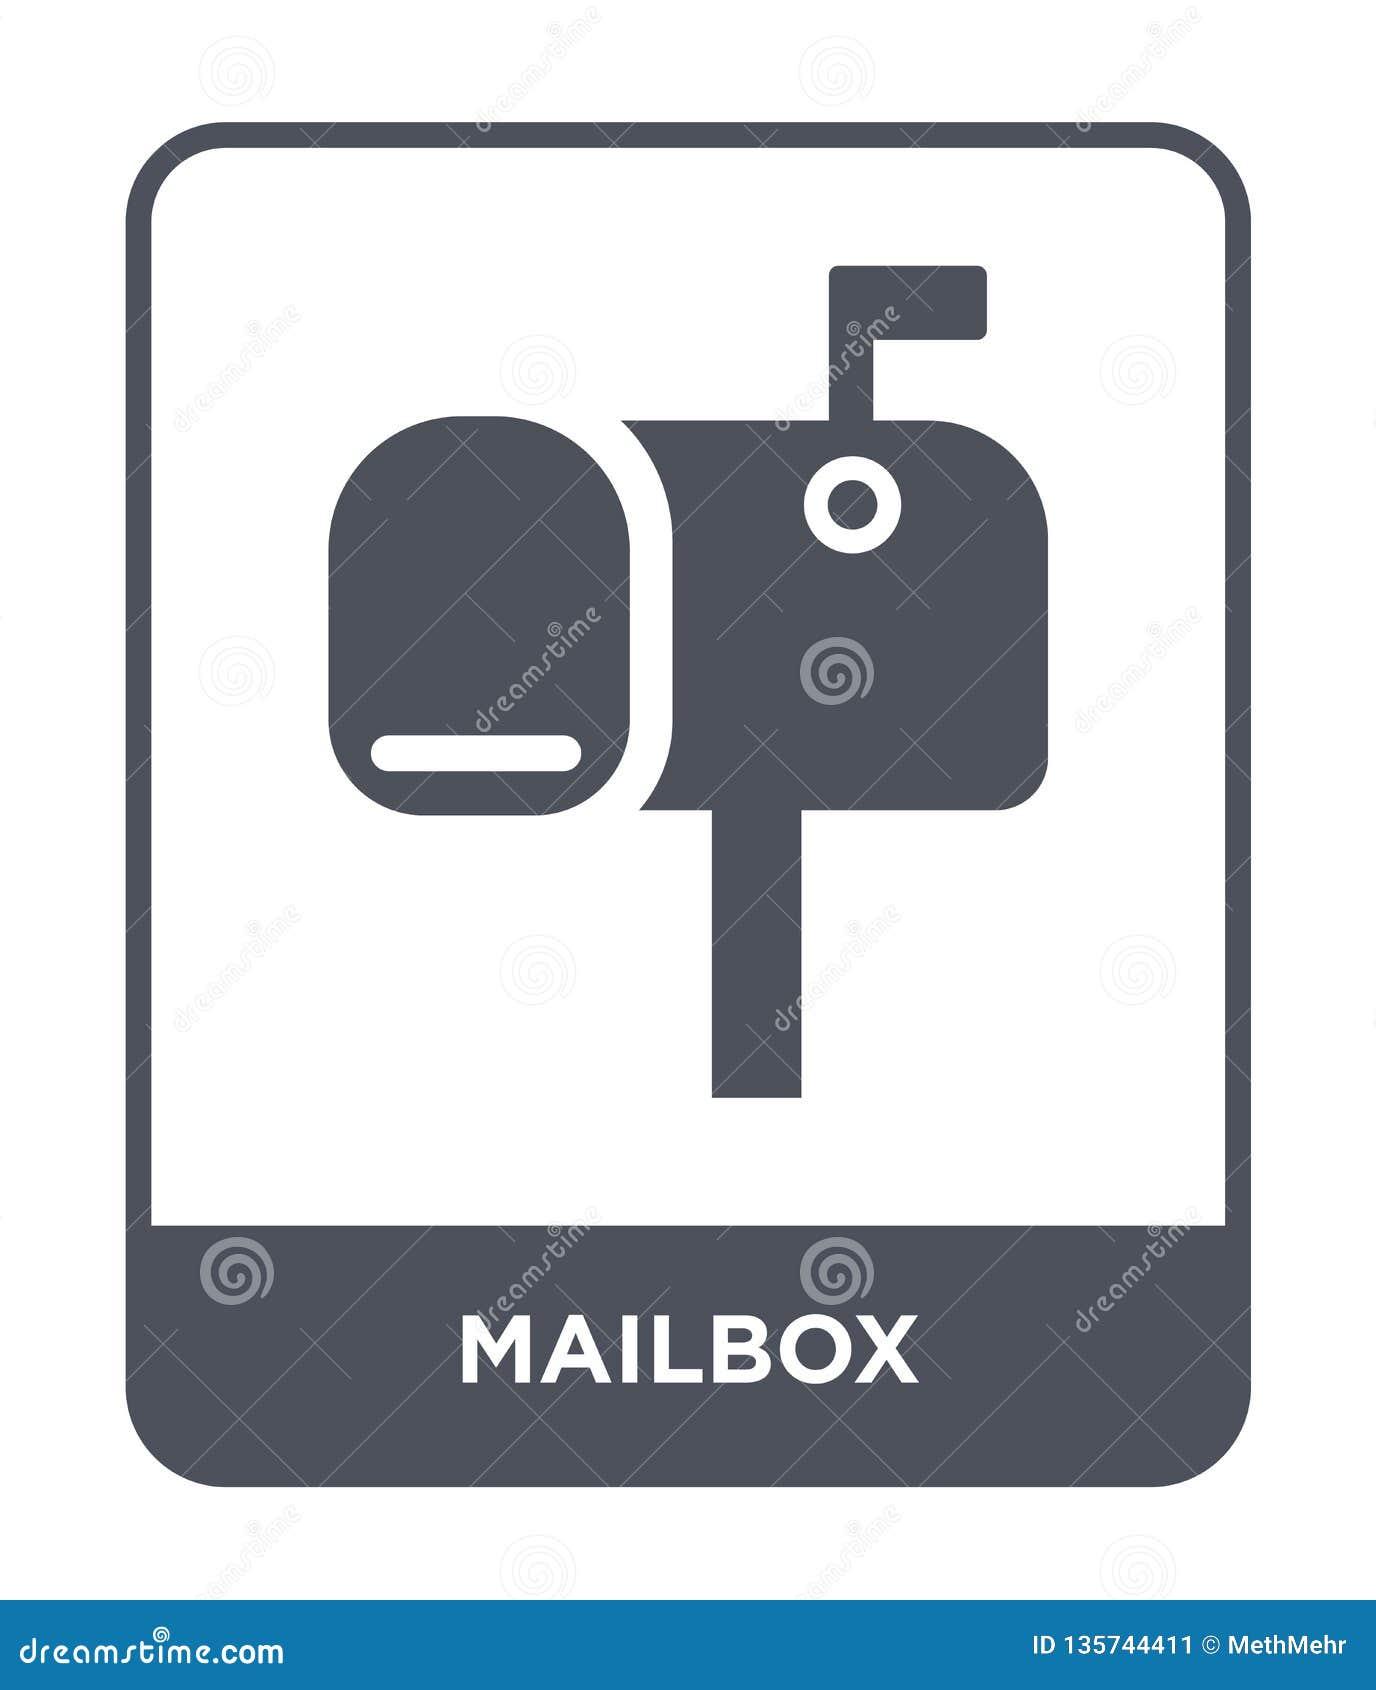 Icono del buzón en estilo de moda del diseño Icono del buzón aislado en el fondo blanco símbolo plano simple y moderno del icono